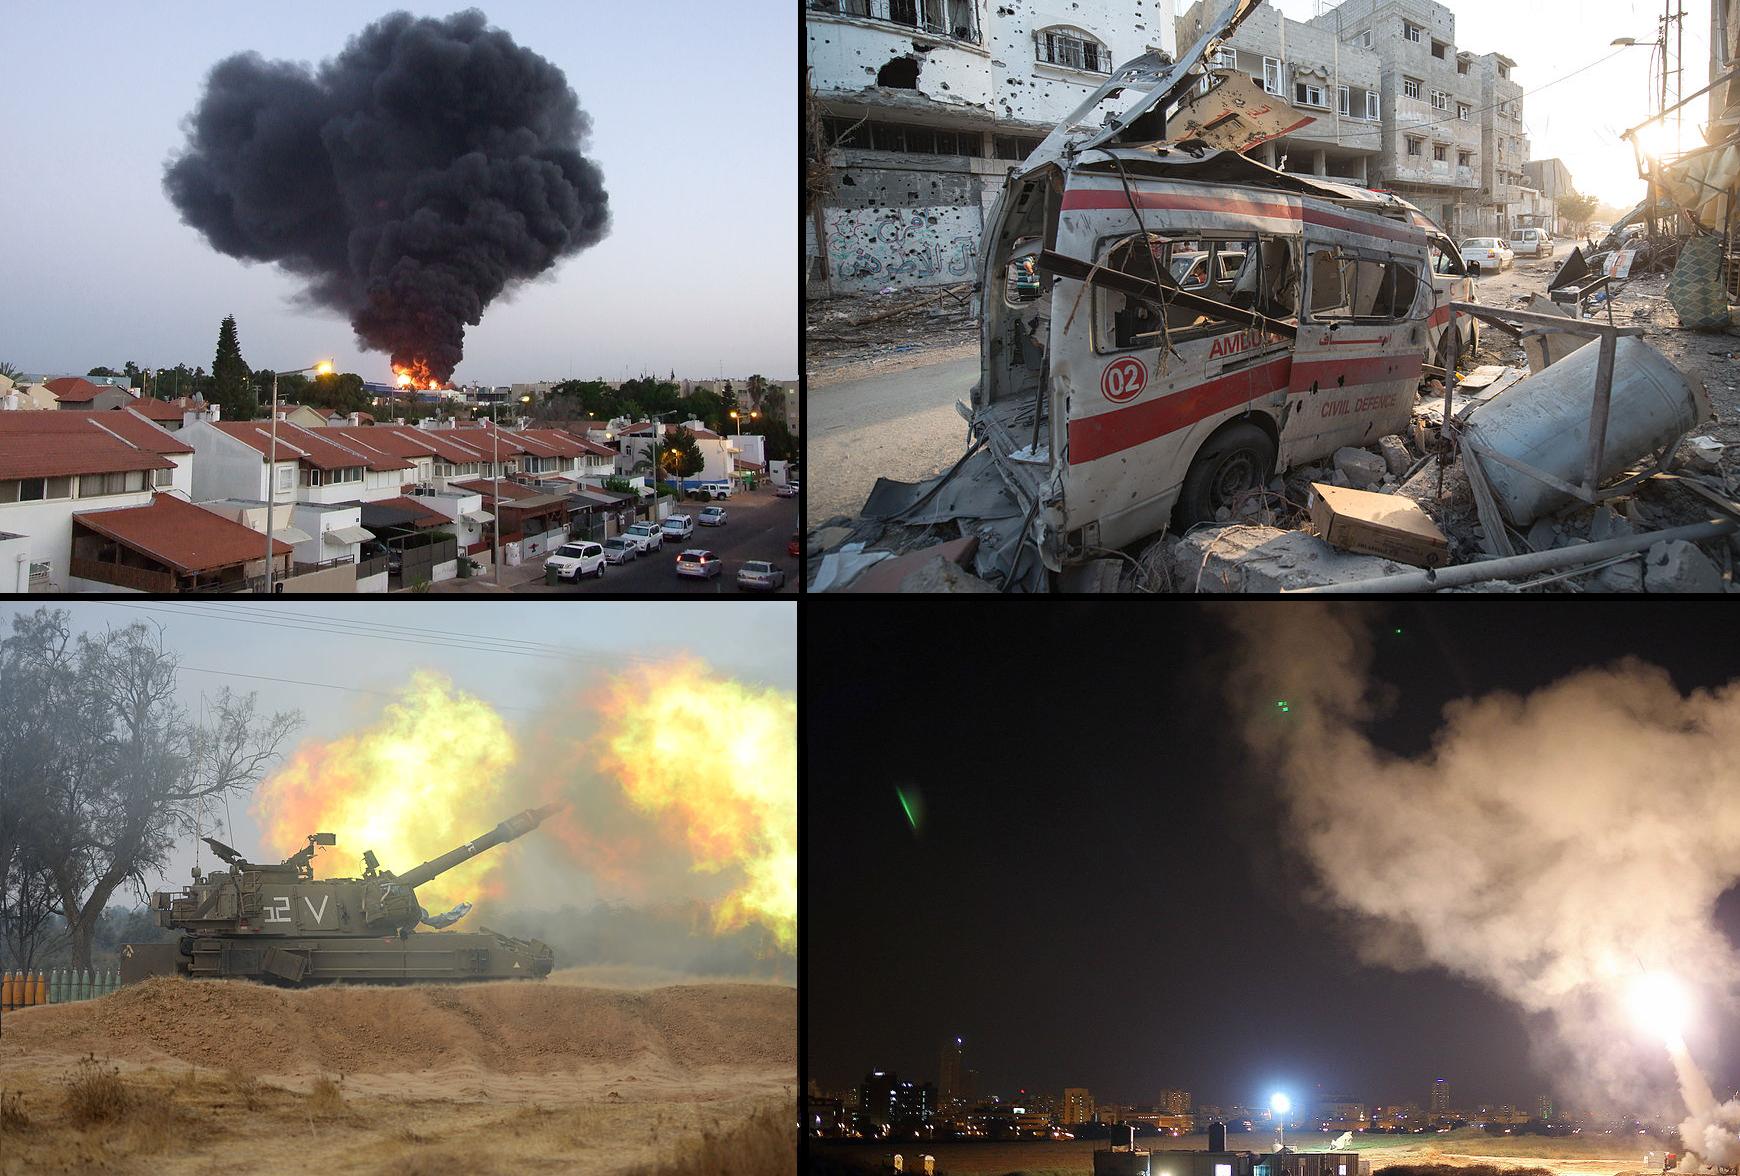 Conflicto entre la Franja de Gaza e Israel de 2014 - Wikipedia, la  enciclopedia libre